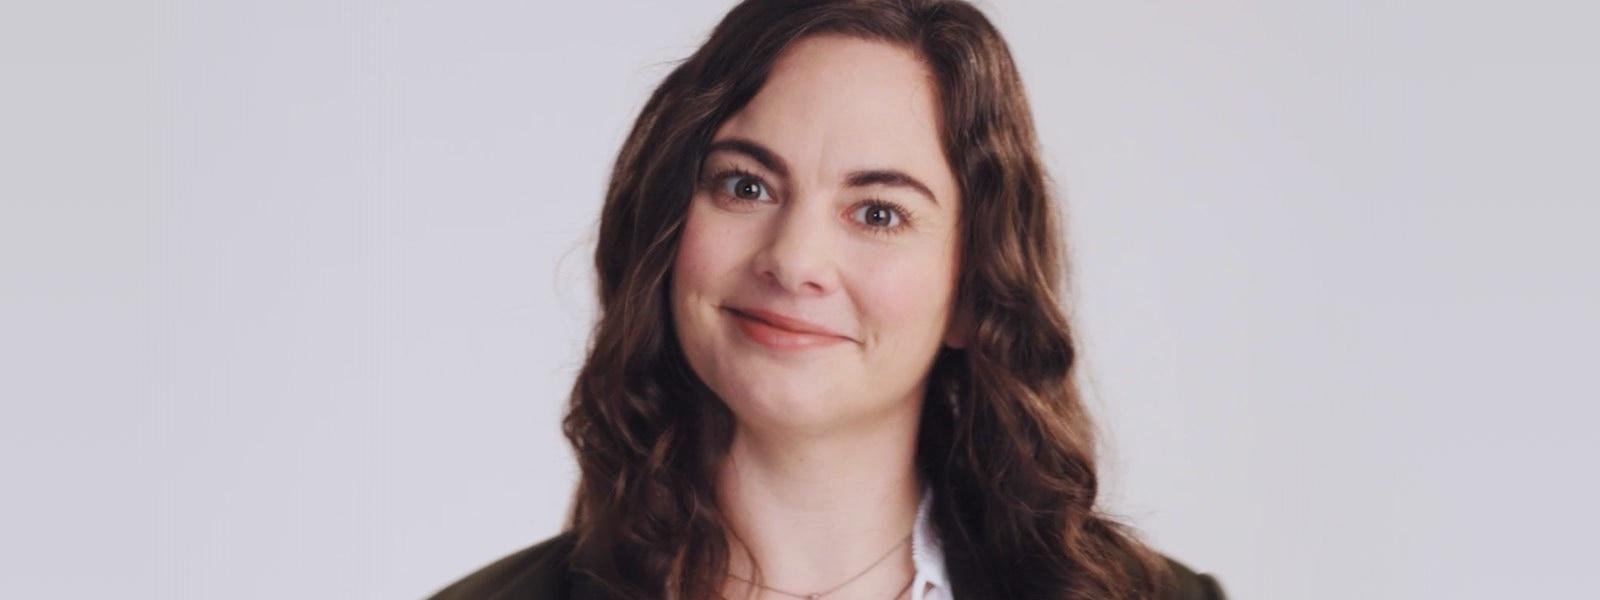 Donna sorridente su sfondo grigio